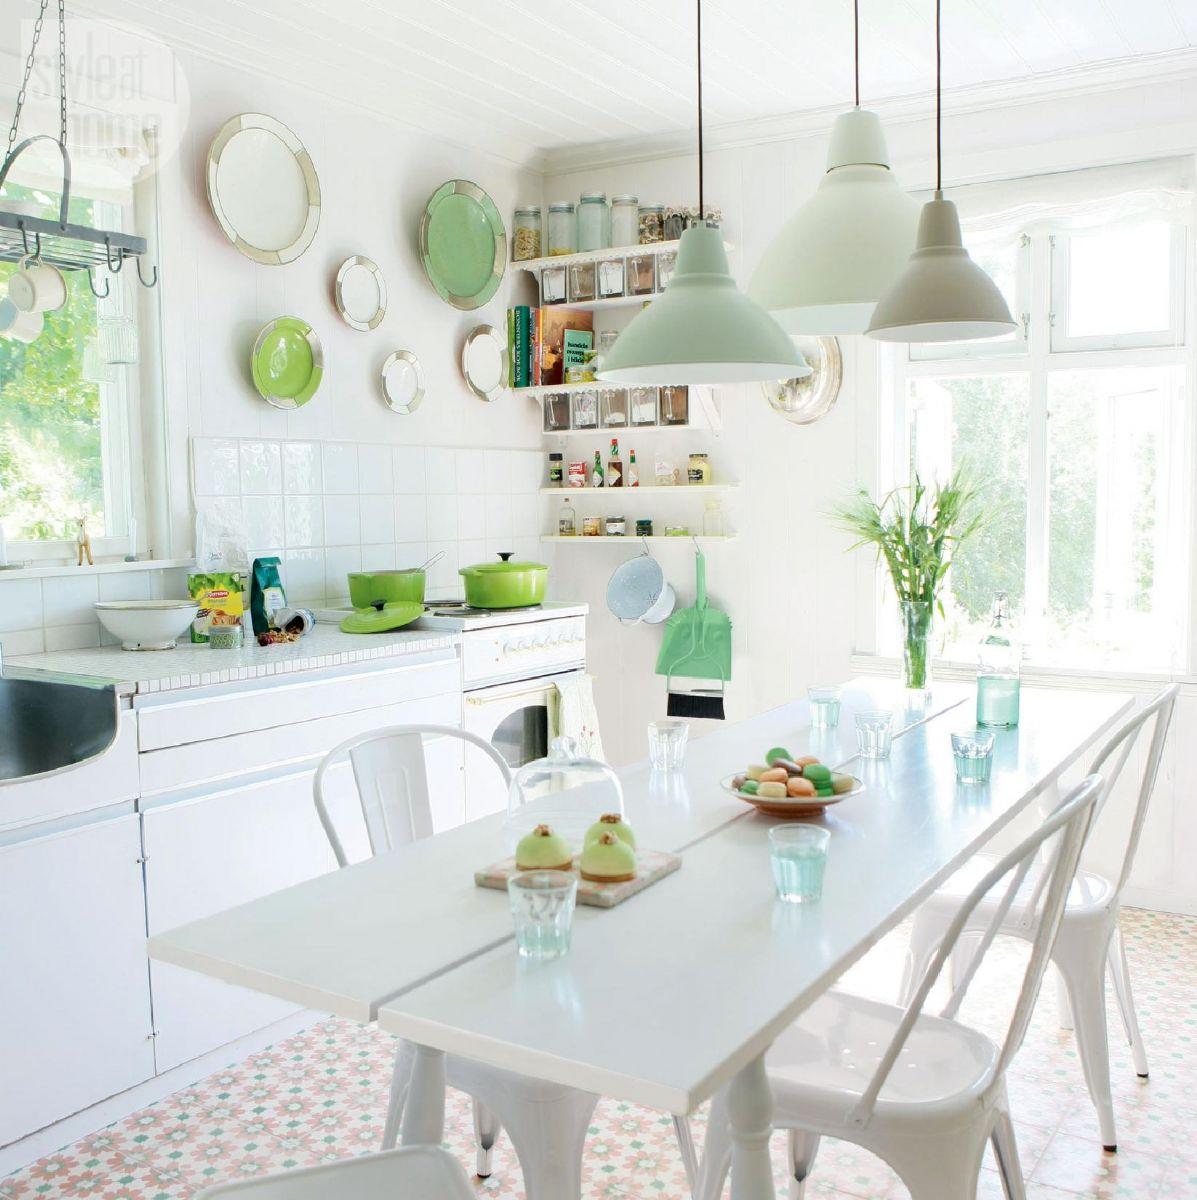 Projem dergisi maksimum sakinle tirici zelliklere sahip for Decorar cocina sin obras